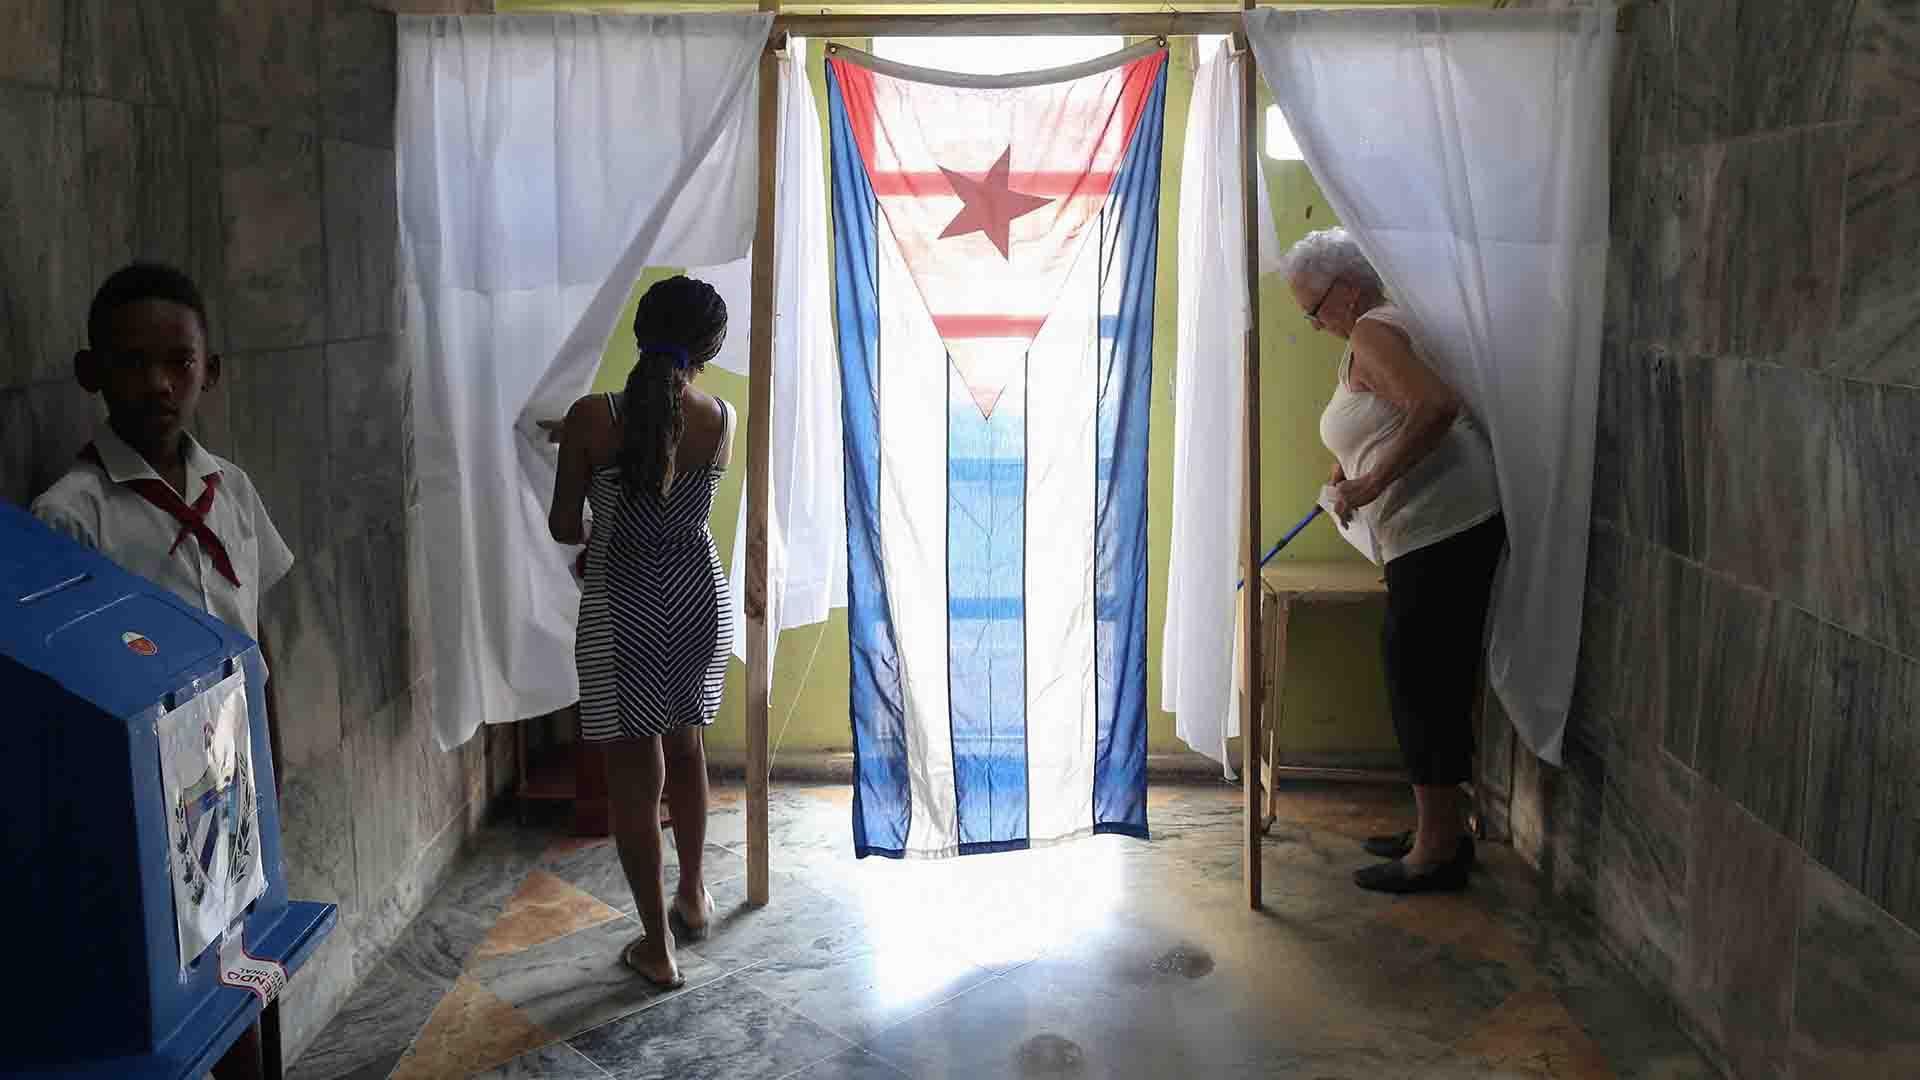 Más del 70% del padrón participó del referéndum, según las autoridades cubanas(REUTERS/Fernando Medina NO RESALES. NO ARCHIVE)